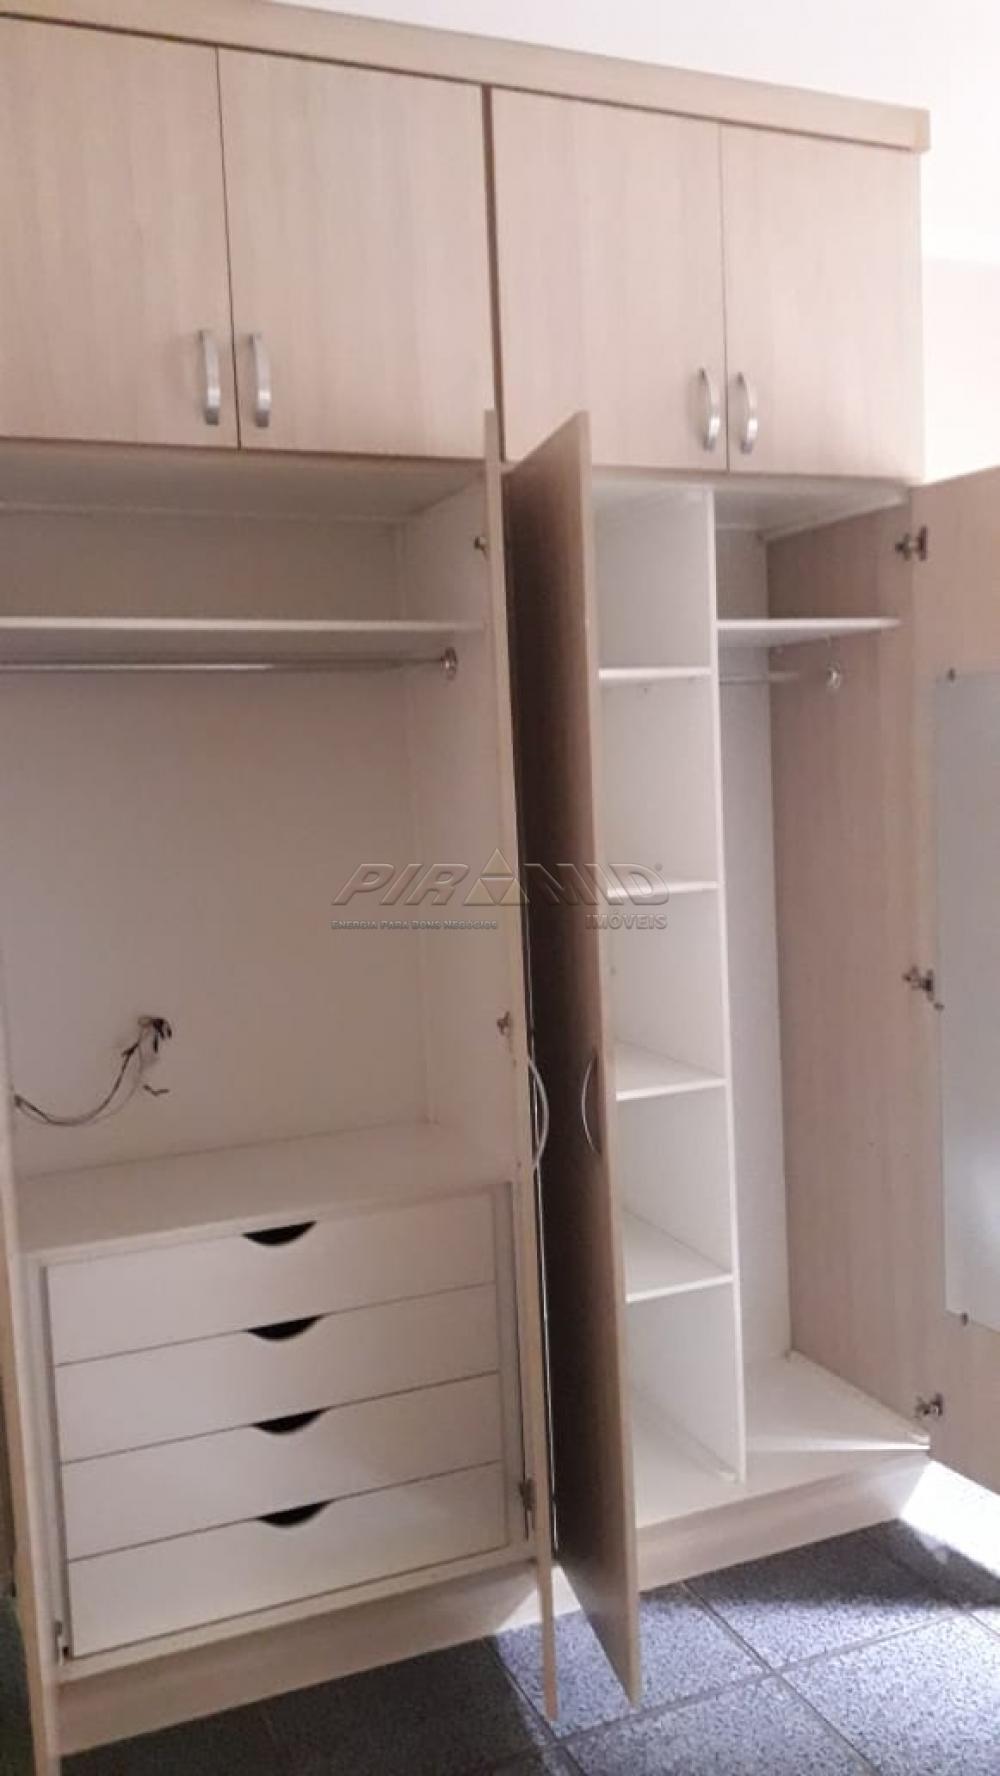 Alugar Casa / Padrão em Ribeirão Preto apenas R$ 1.500,00 - Foto 7